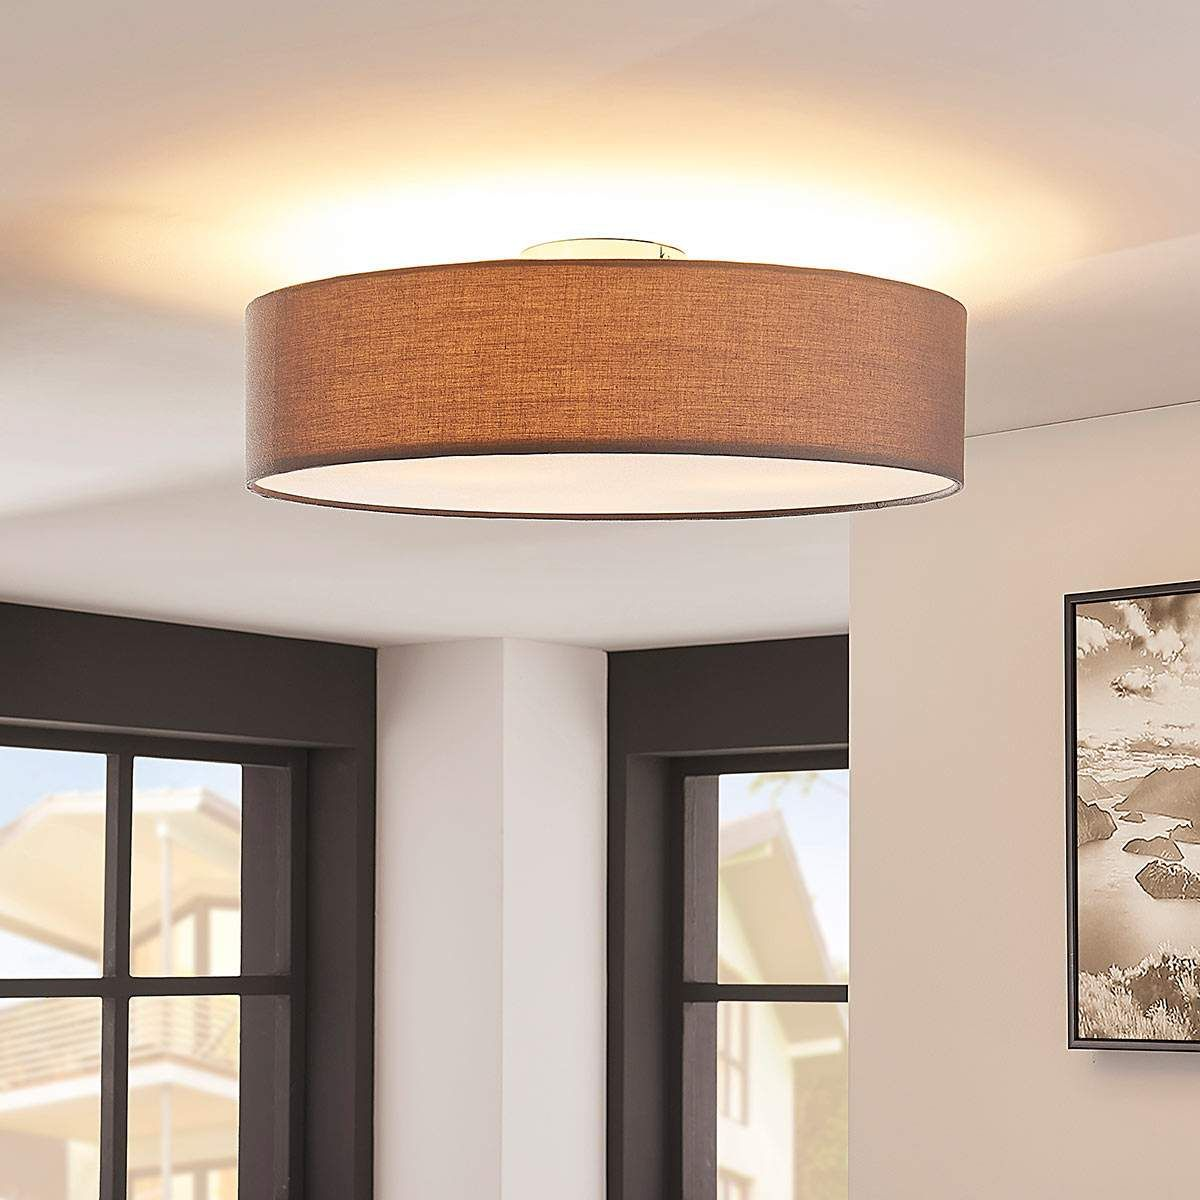 Full Size of Deckenleuchten Wohnzimmer Led Schlafzimmer Wandtattoo Panel Küche Deckenleuchte Indirekte Beleuchtung Fototapeten Liege Vorhang Stehlampe Deckenlampe Wohnzimmer Deckenleuchten Wohnzimmer Led